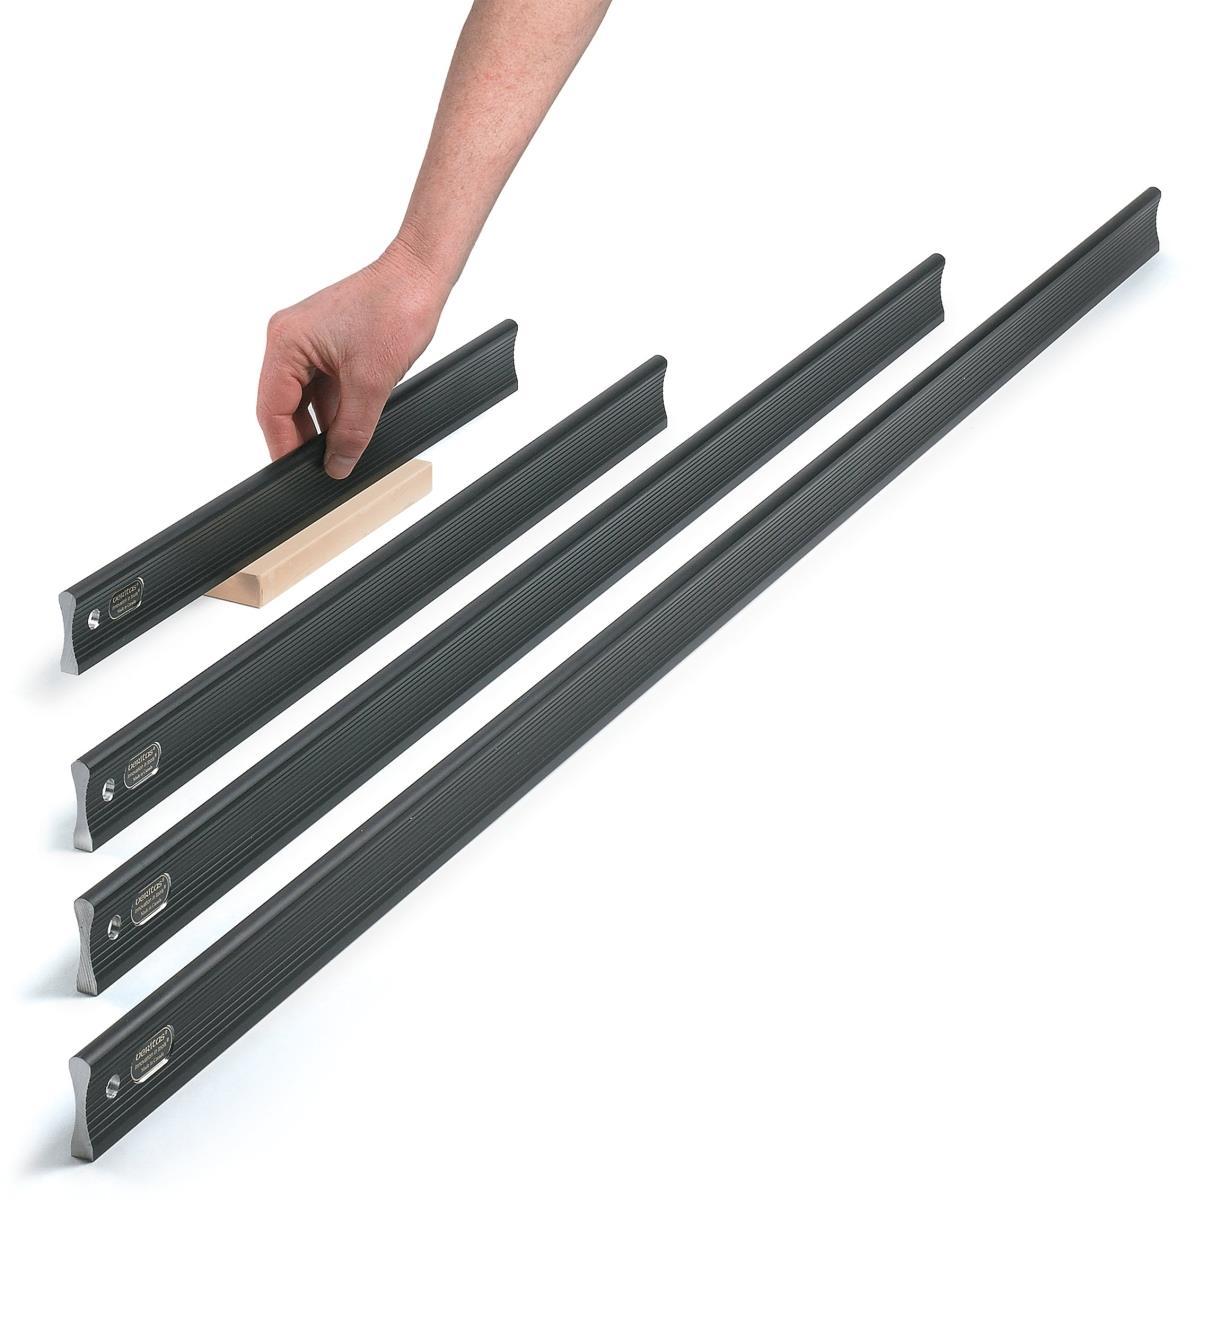 Veritas Aluminum Straightedges